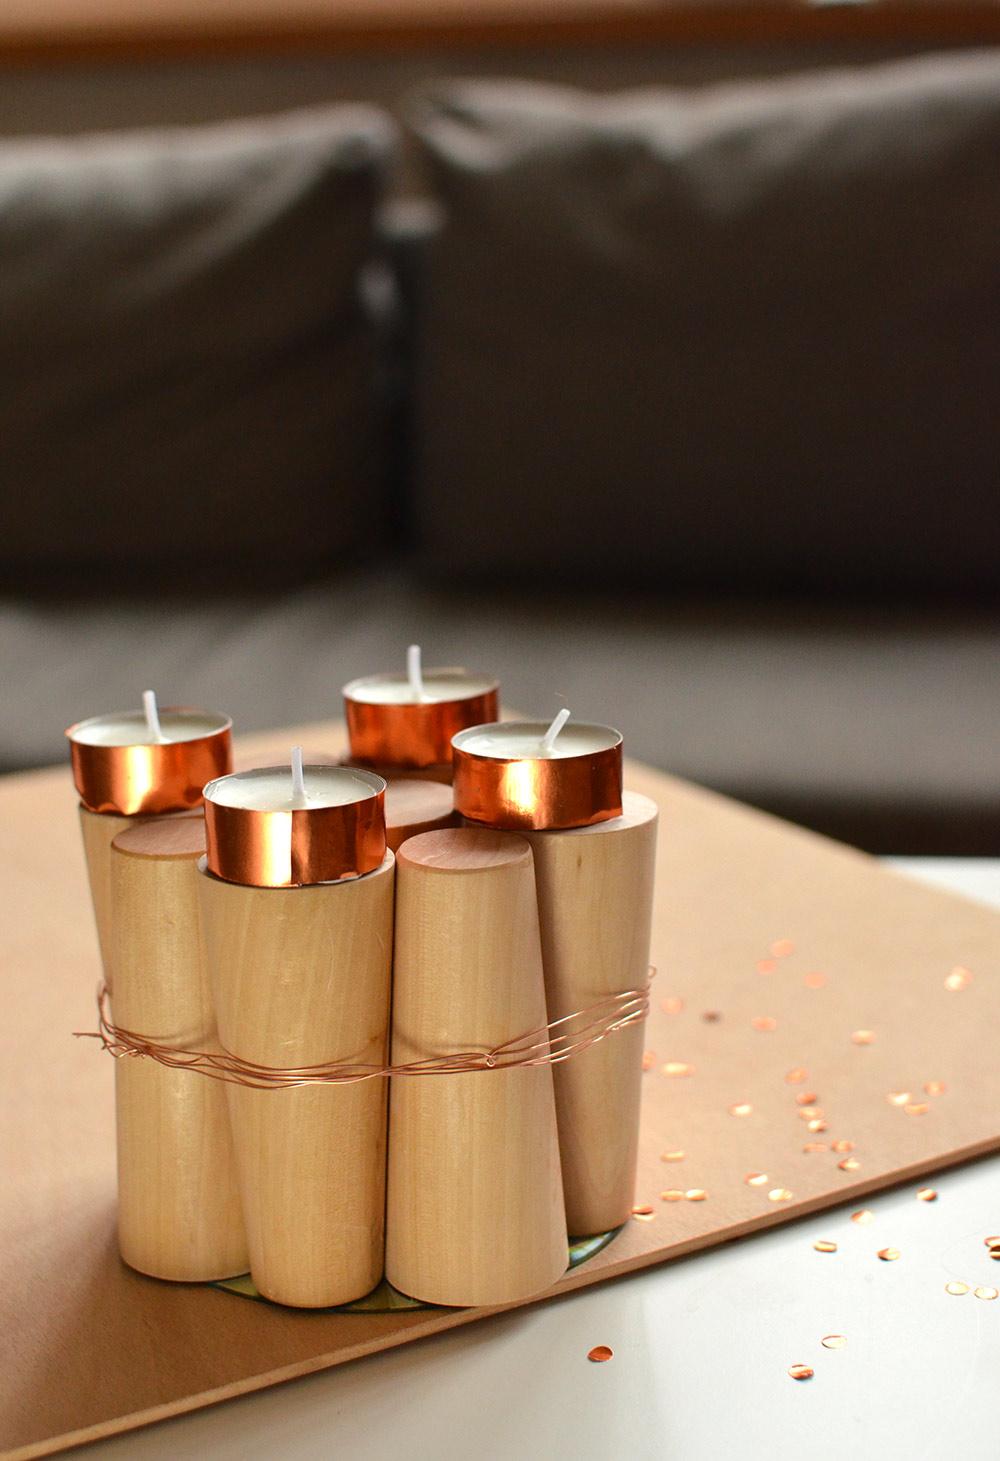 selbstgemachter Adventskranz in letzter Minute: Holz und Kupfer, schlicht